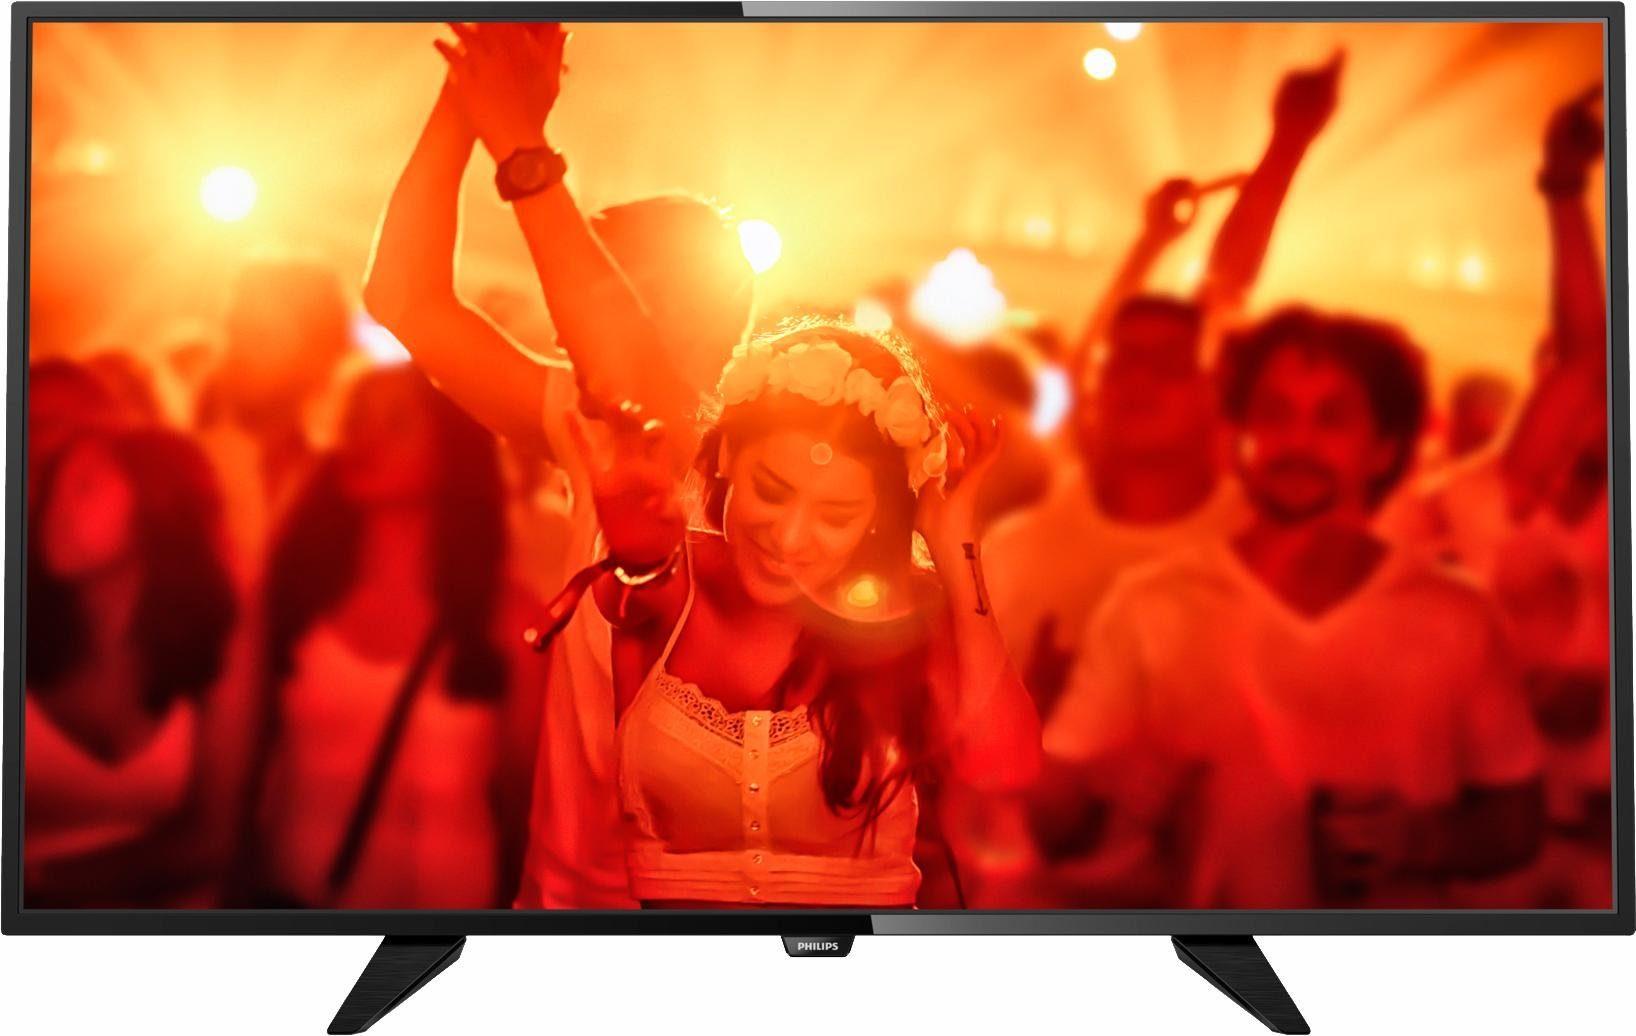 Philips 32PFK4101/12, LED Fernseher, 80 cm (32 Zoll), 1080p (Full HD)